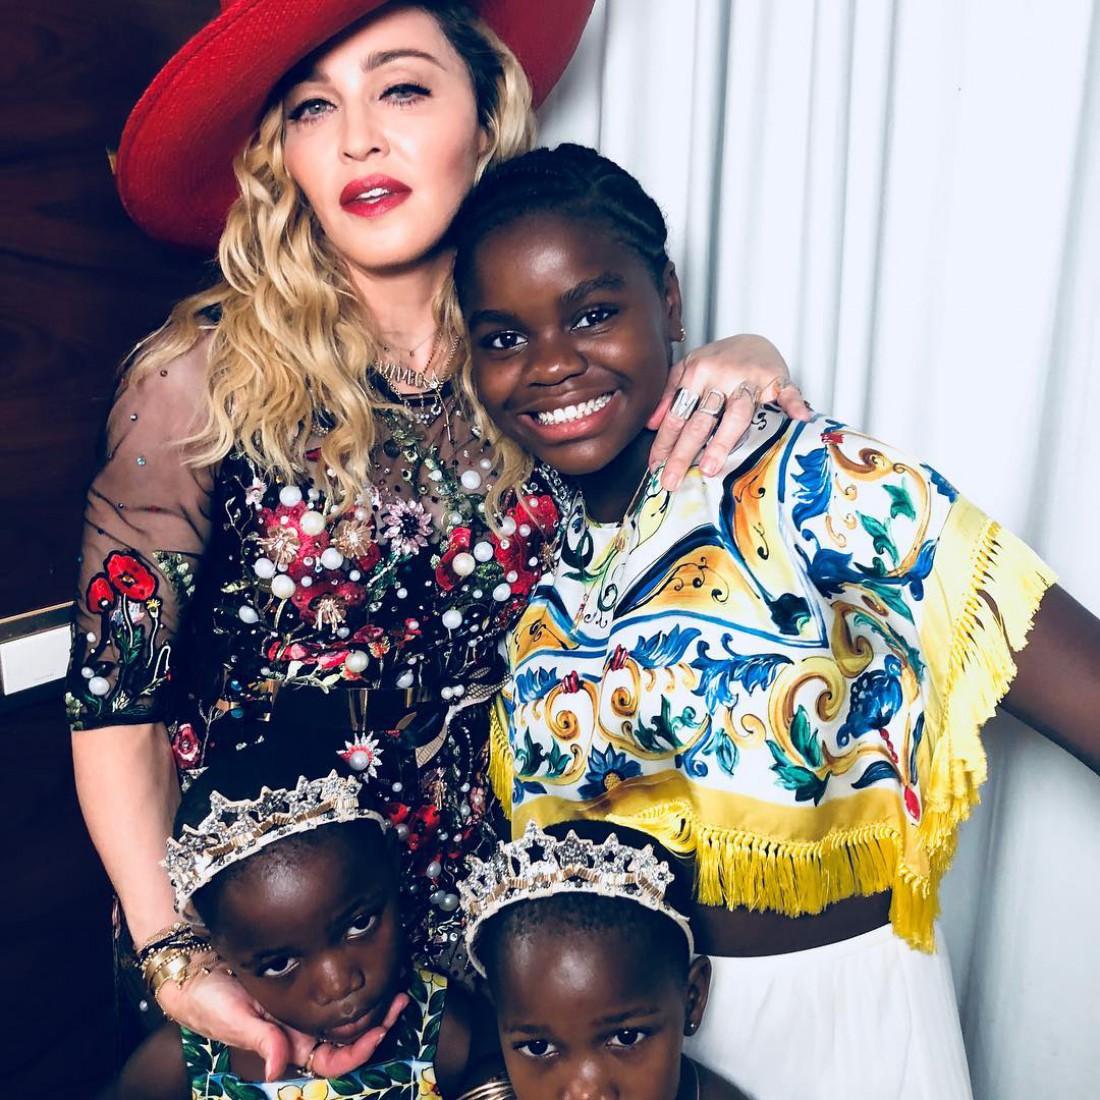 Мадонна с детьми в Бразилии